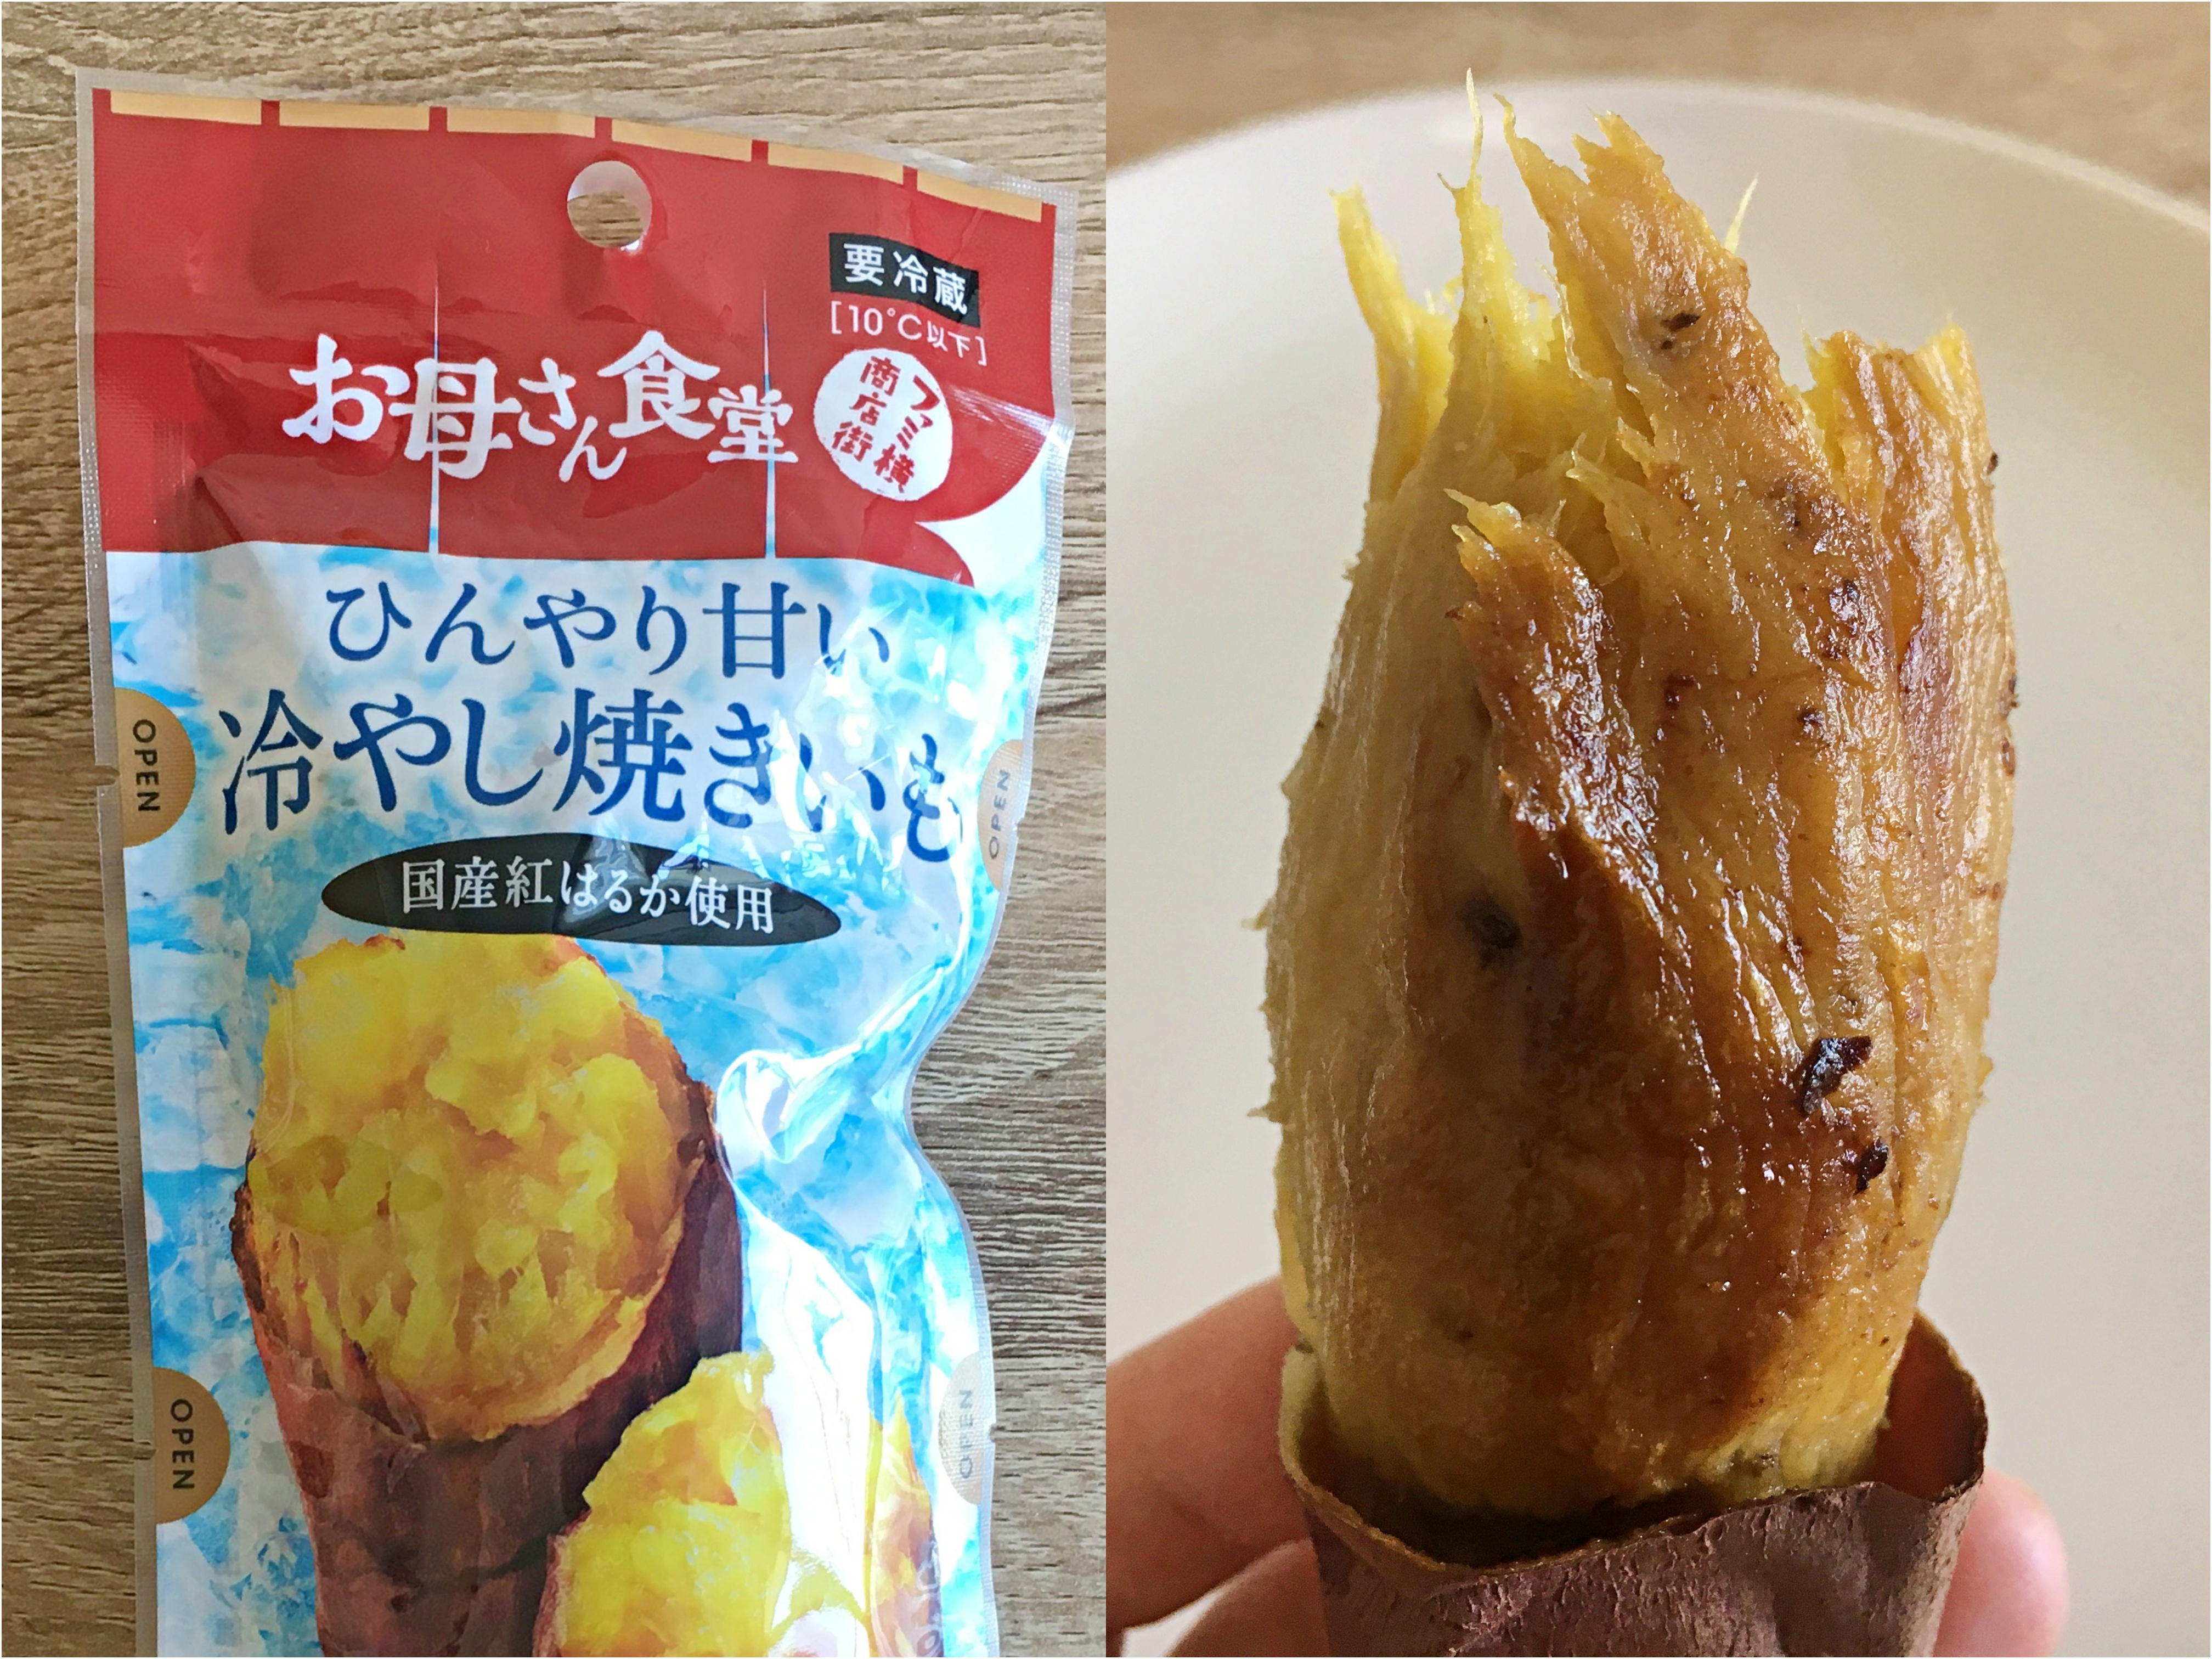 冷やし 焼き芋 セブン 夏の新感覚コンビニスイーツ「冷やし甘いも」焼き芋を冷したらスイー...